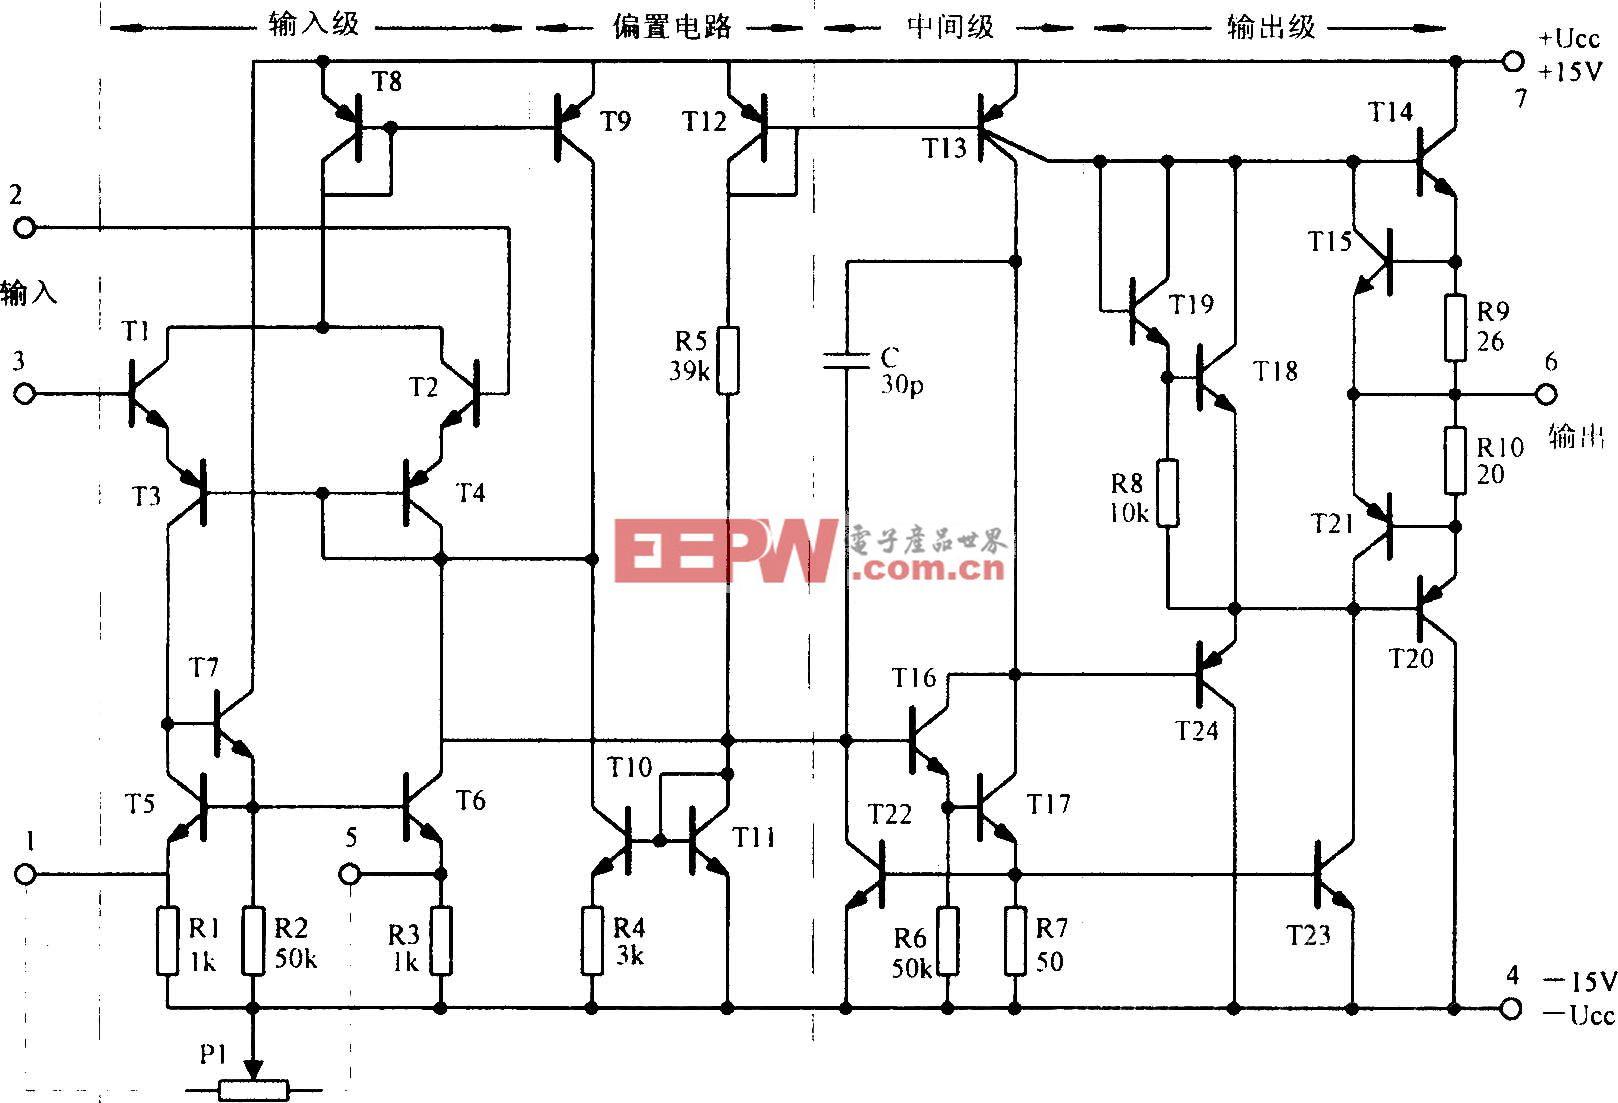 F007型集成电路内部电路图